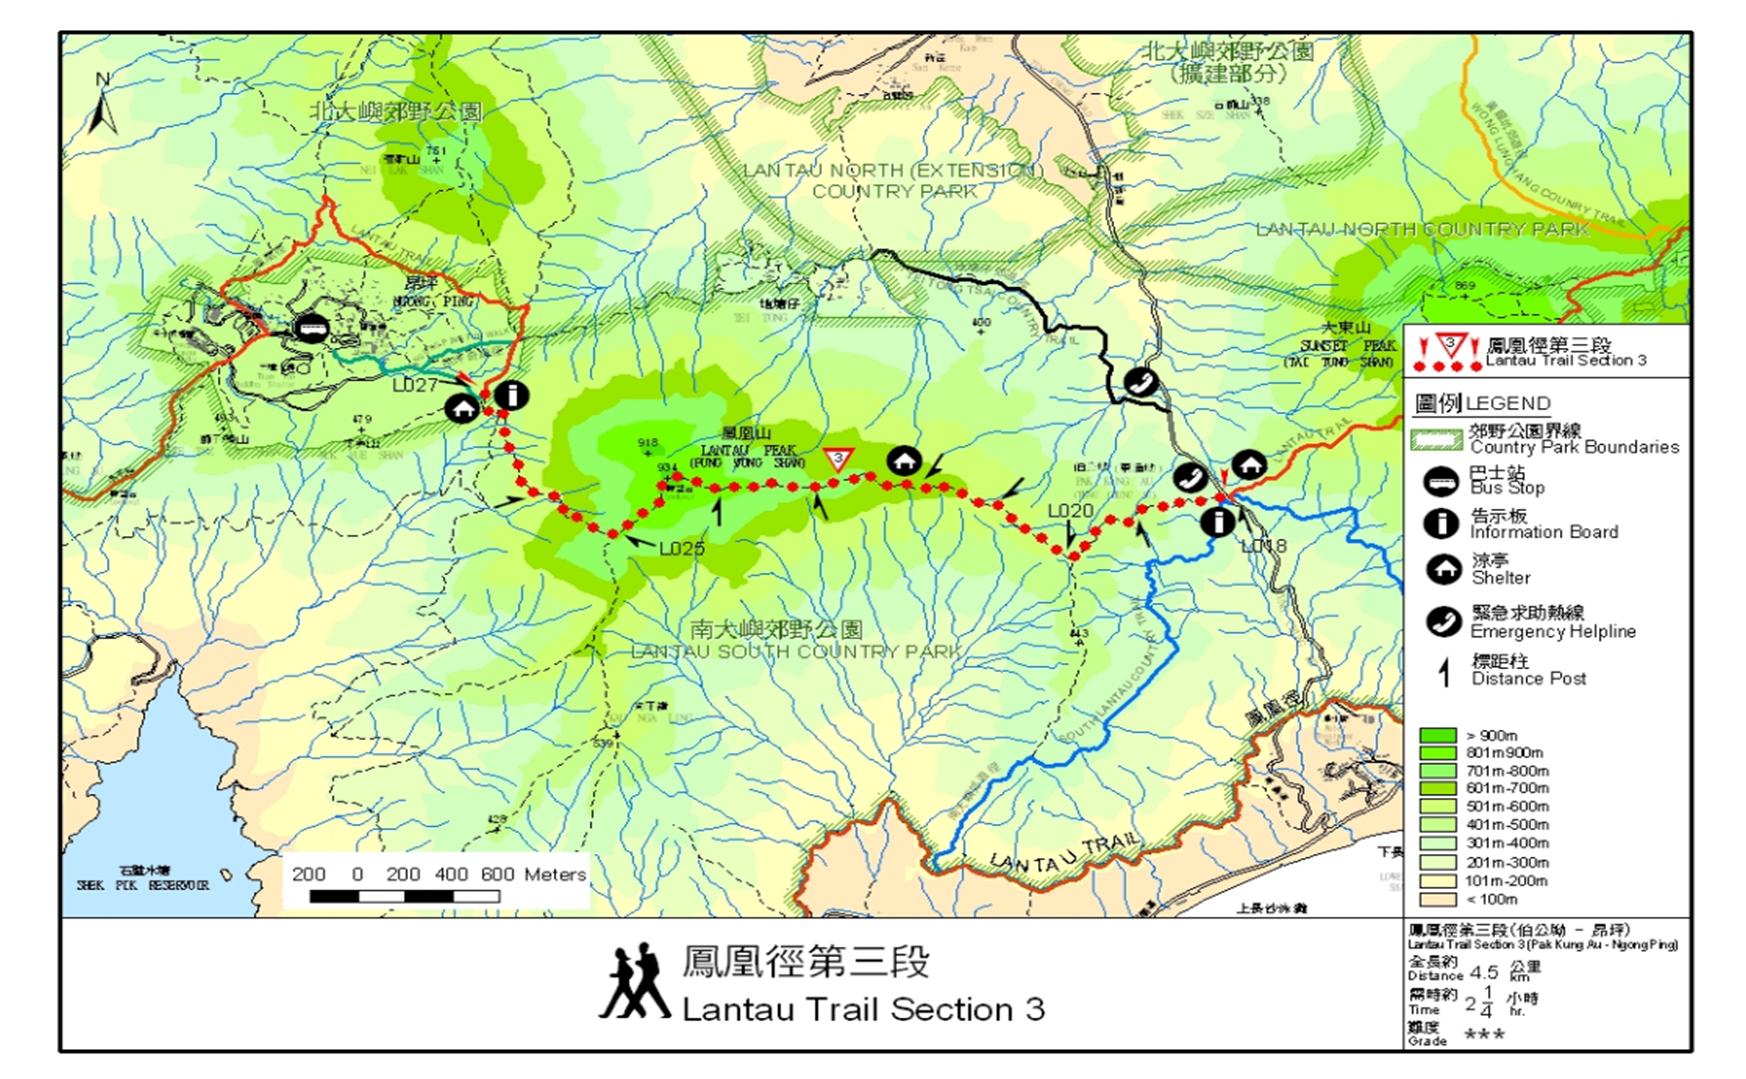 lantau peak map